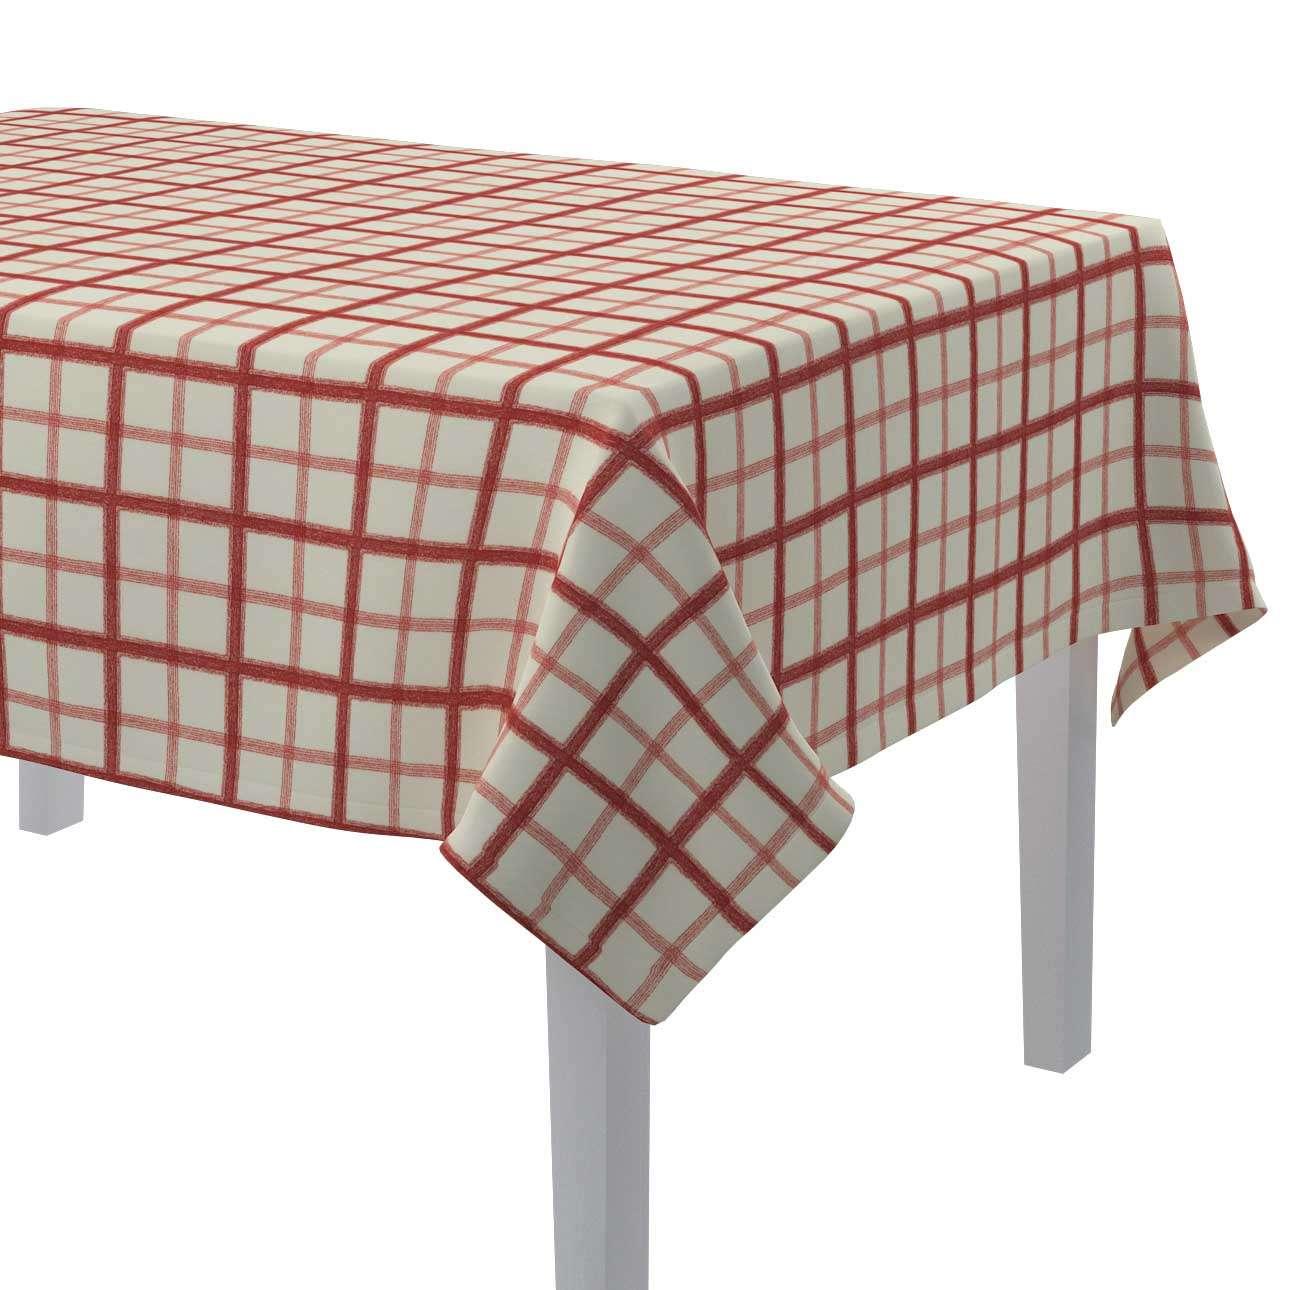 Rektangulære borddug fra kollektionen Avinon, Stof: 131-15